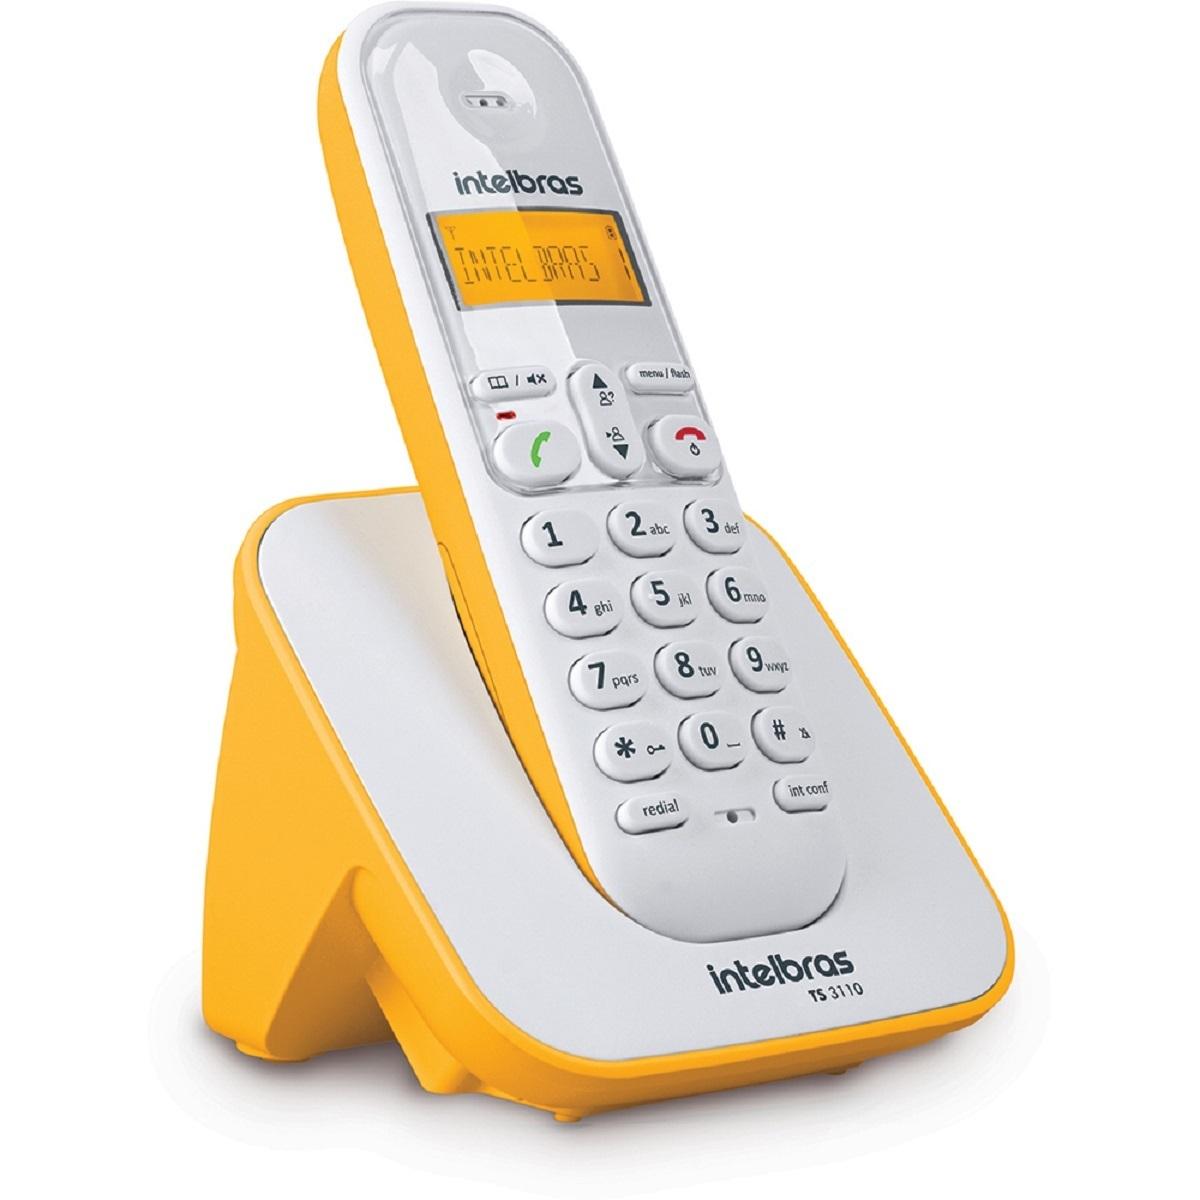 Telefone Sem fio Intelbras  3110 - Branco e Amarelo